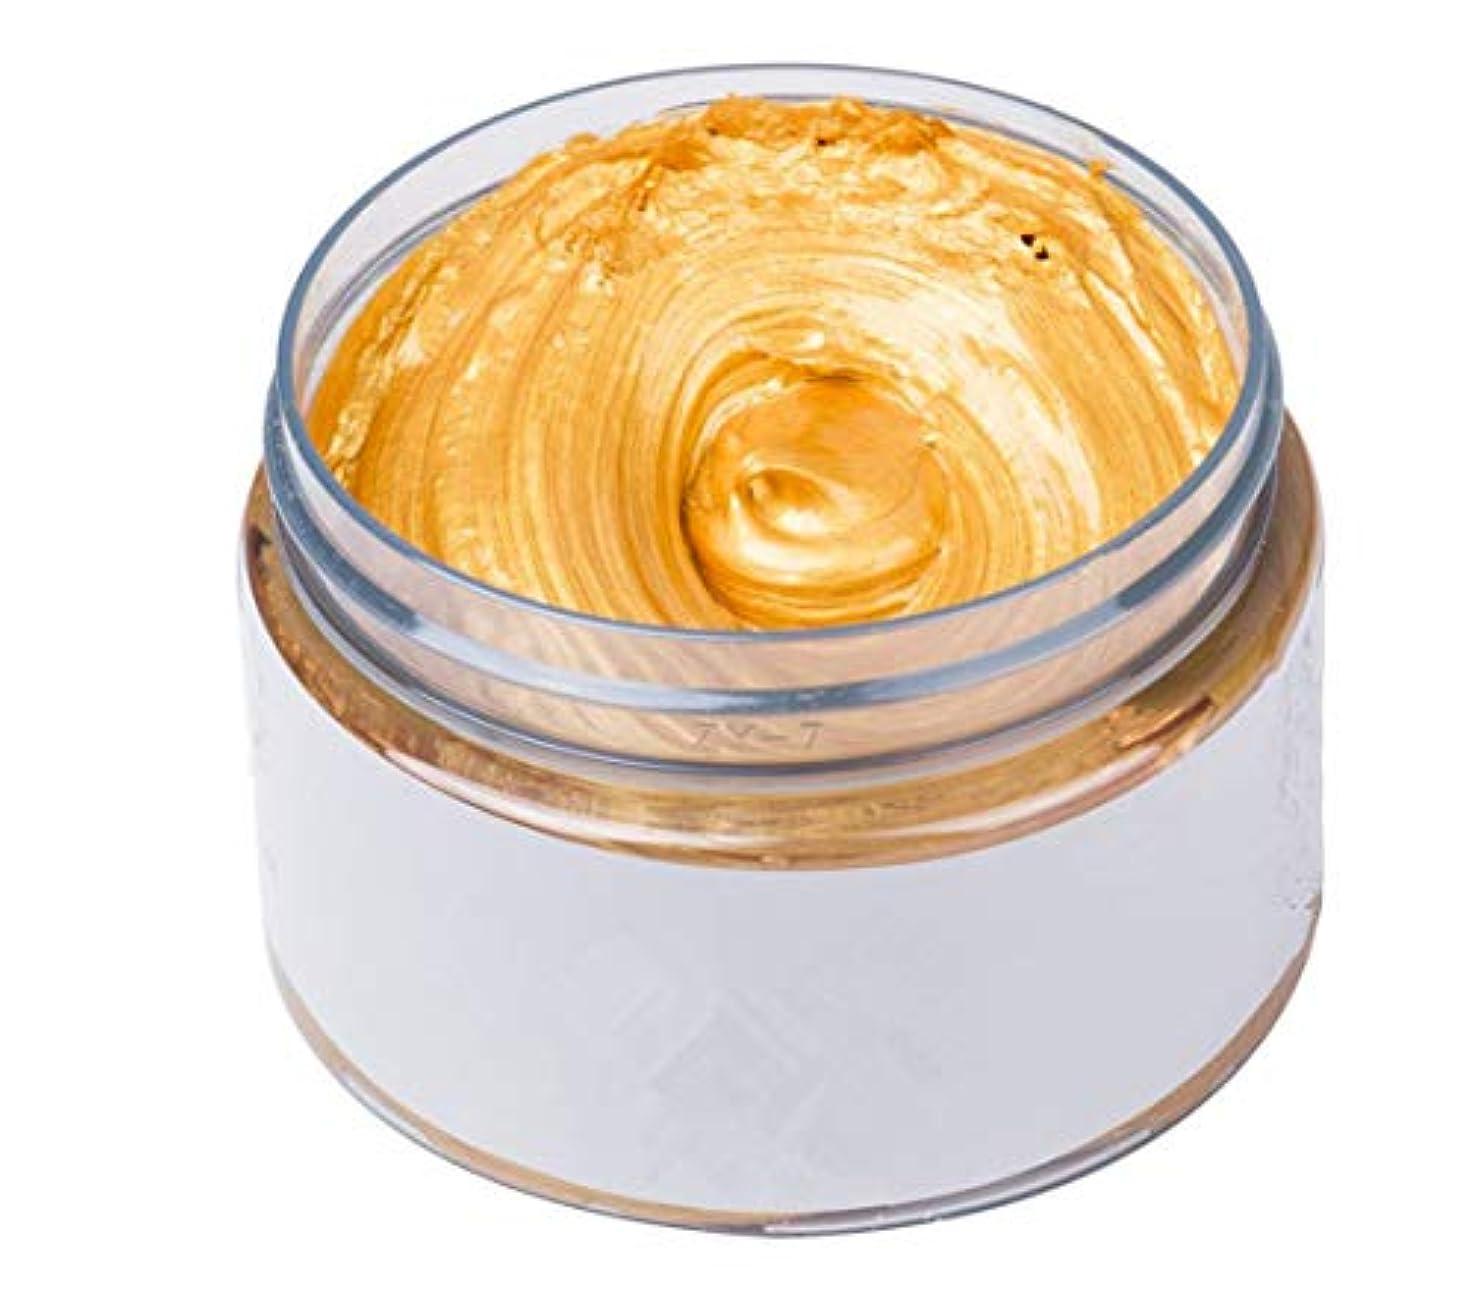 自分の脇にフォアマンカルドール ワックス カラーバター ワンタイムヘアカラーの泥 ヘアクリーム 120g カラーリング ヘアトリートメント 全7色 (ゴールド)